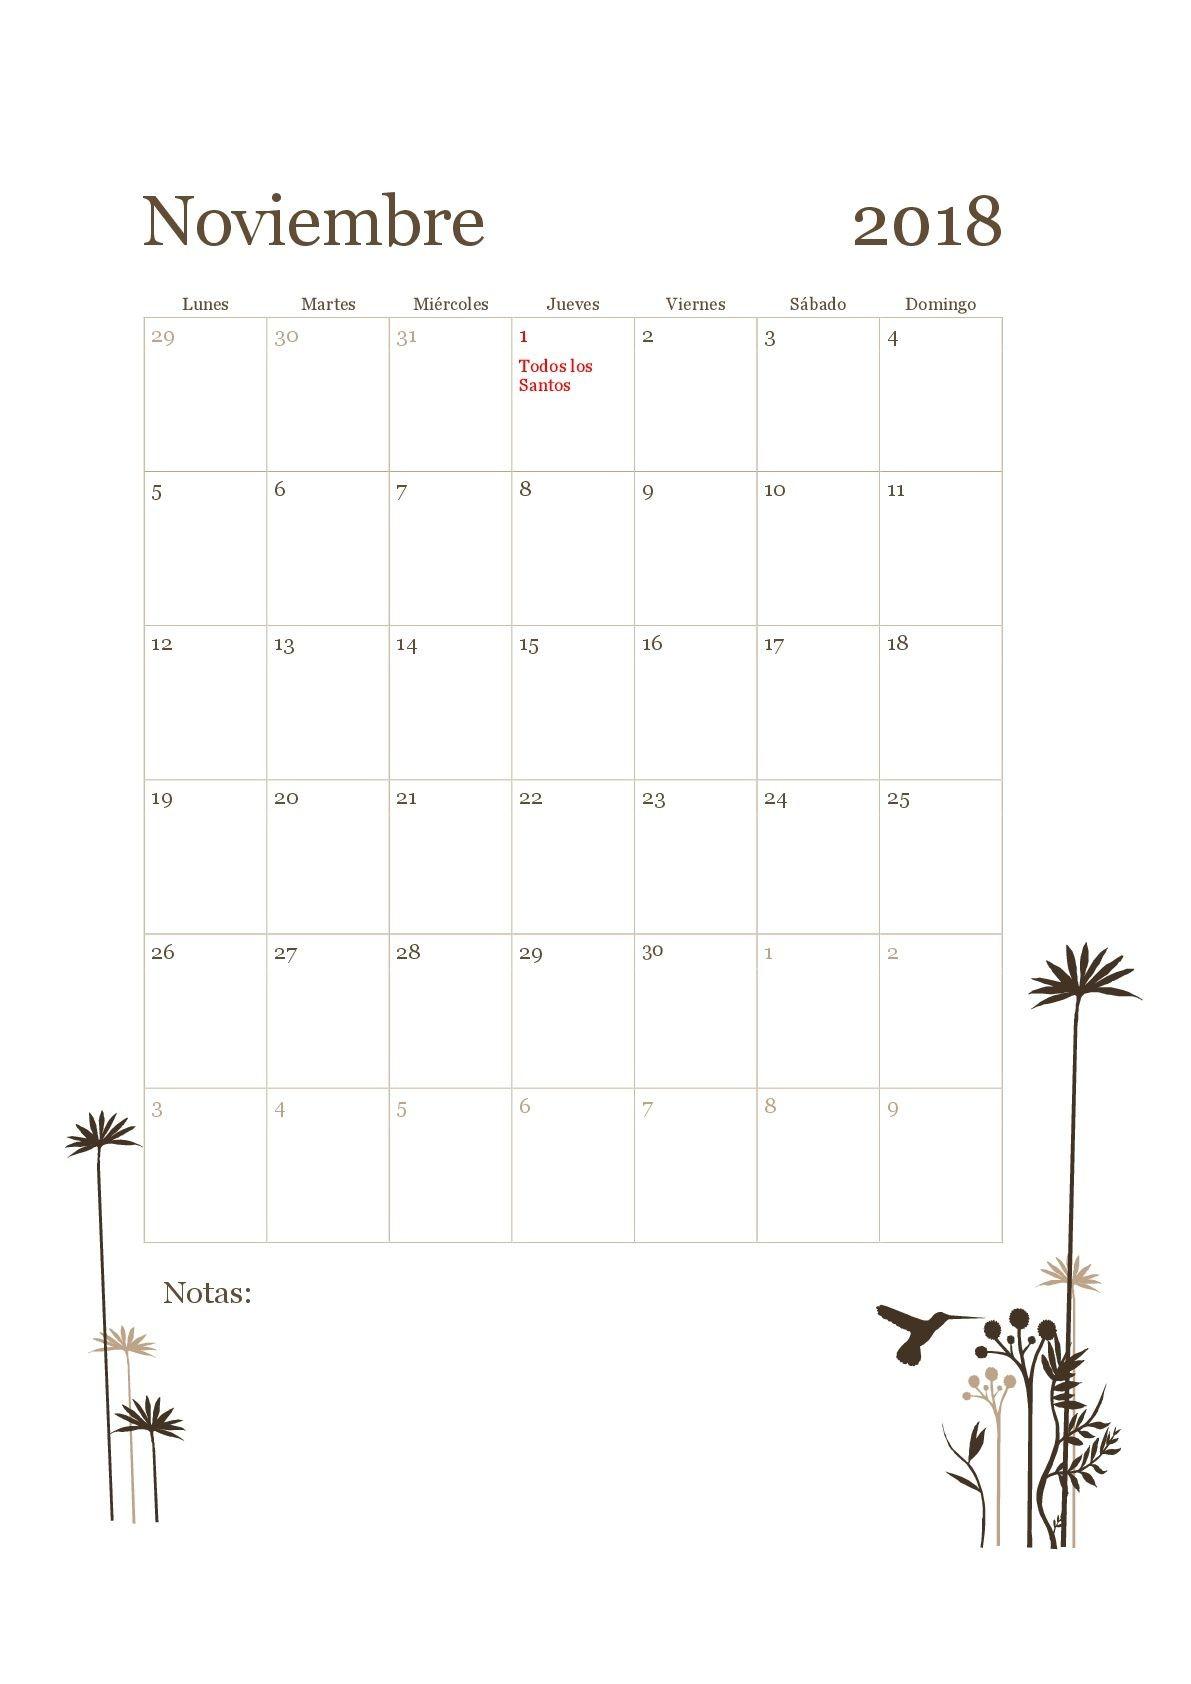 Calendario Para Imprimir Octubre De 2017 Mejores Y Más Novedosos Mejores 13 Imágenes De Calendario Laboral Registro Empleados En Of Calendario Para Imprimir Octubre De 2017 Más Populares 2018 October Time Table Calendar October 2018 Calendar